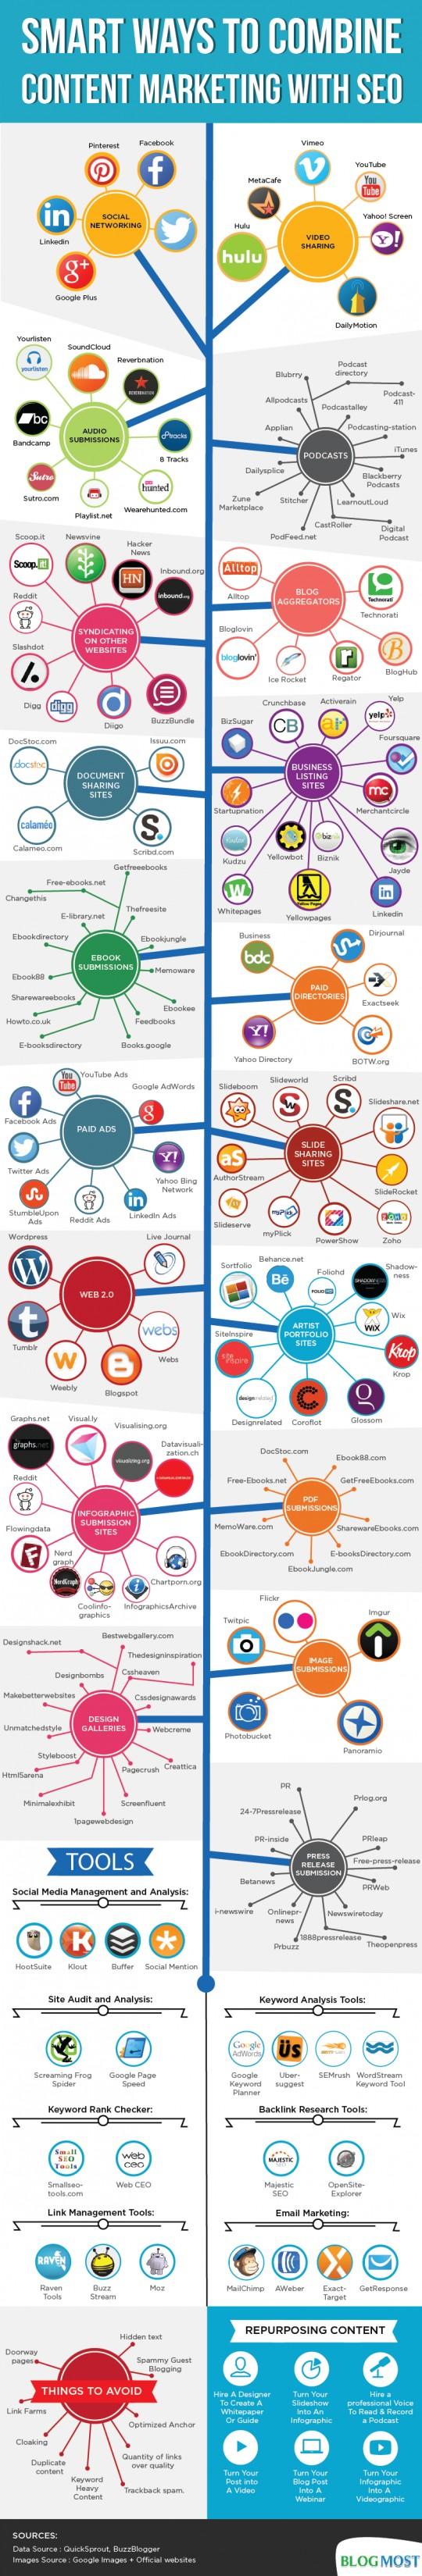 content-marketing-methods-2014_53522bd85c5d3_w540